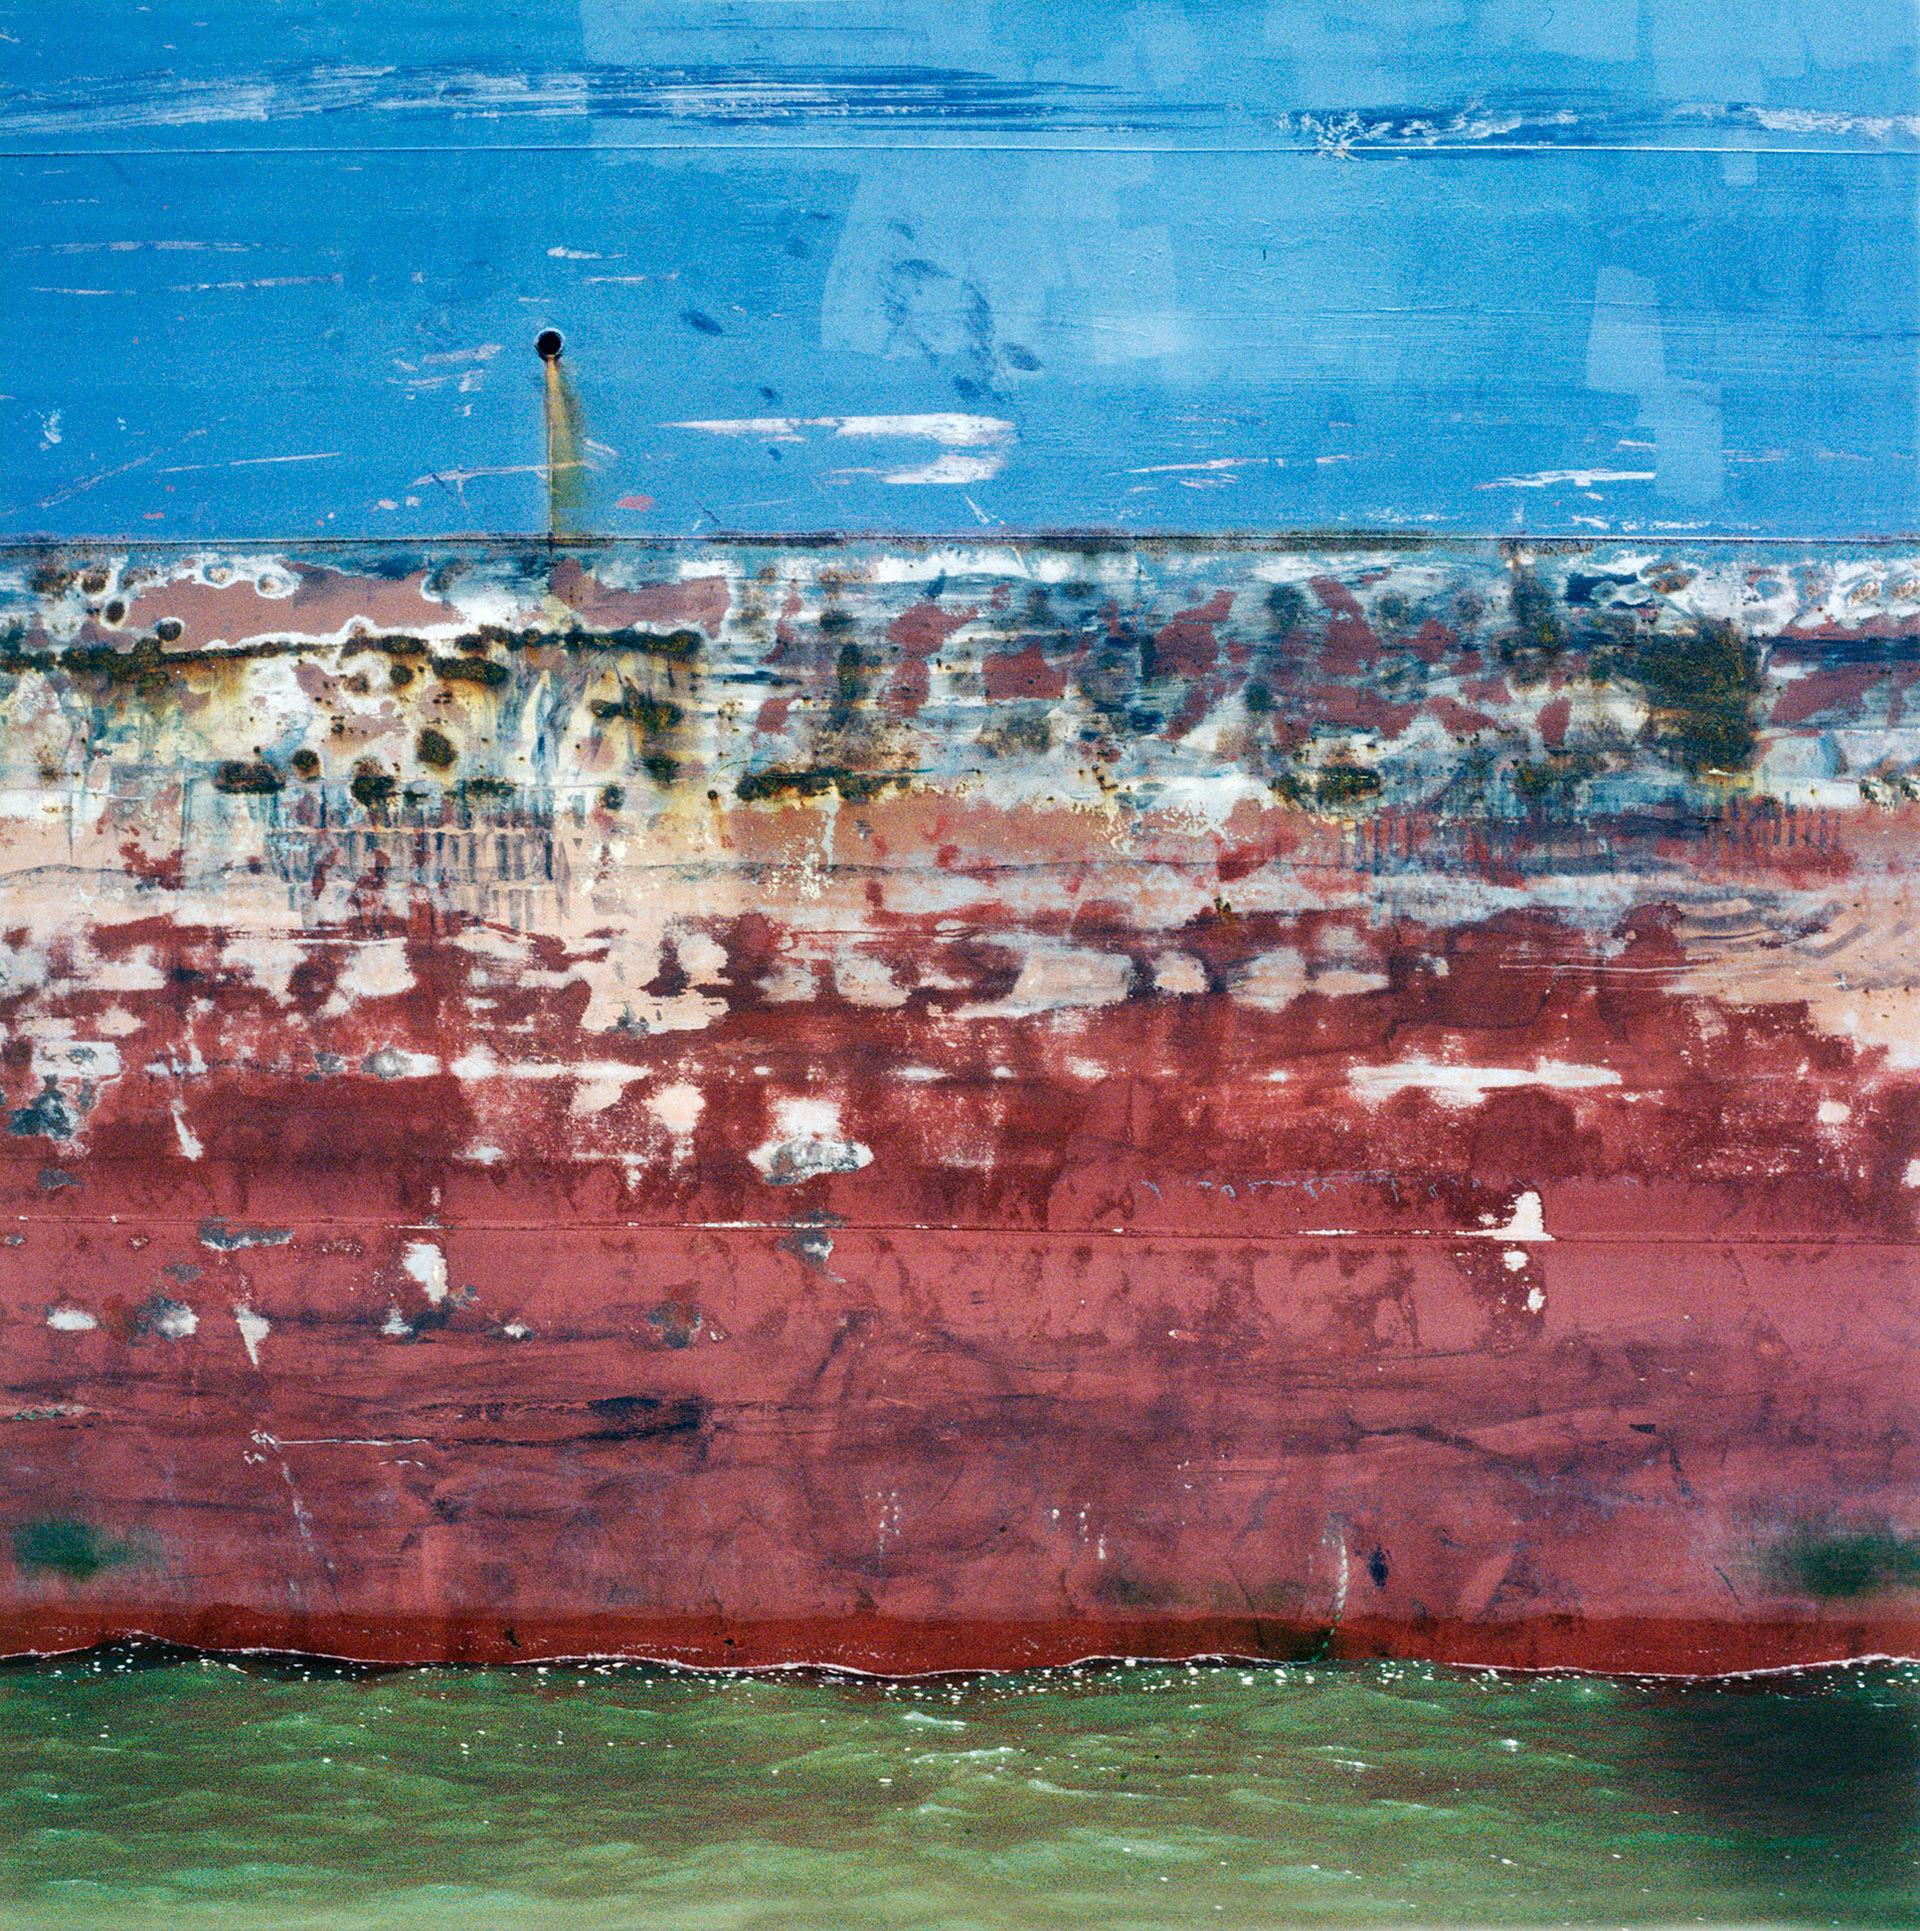 Hull 62